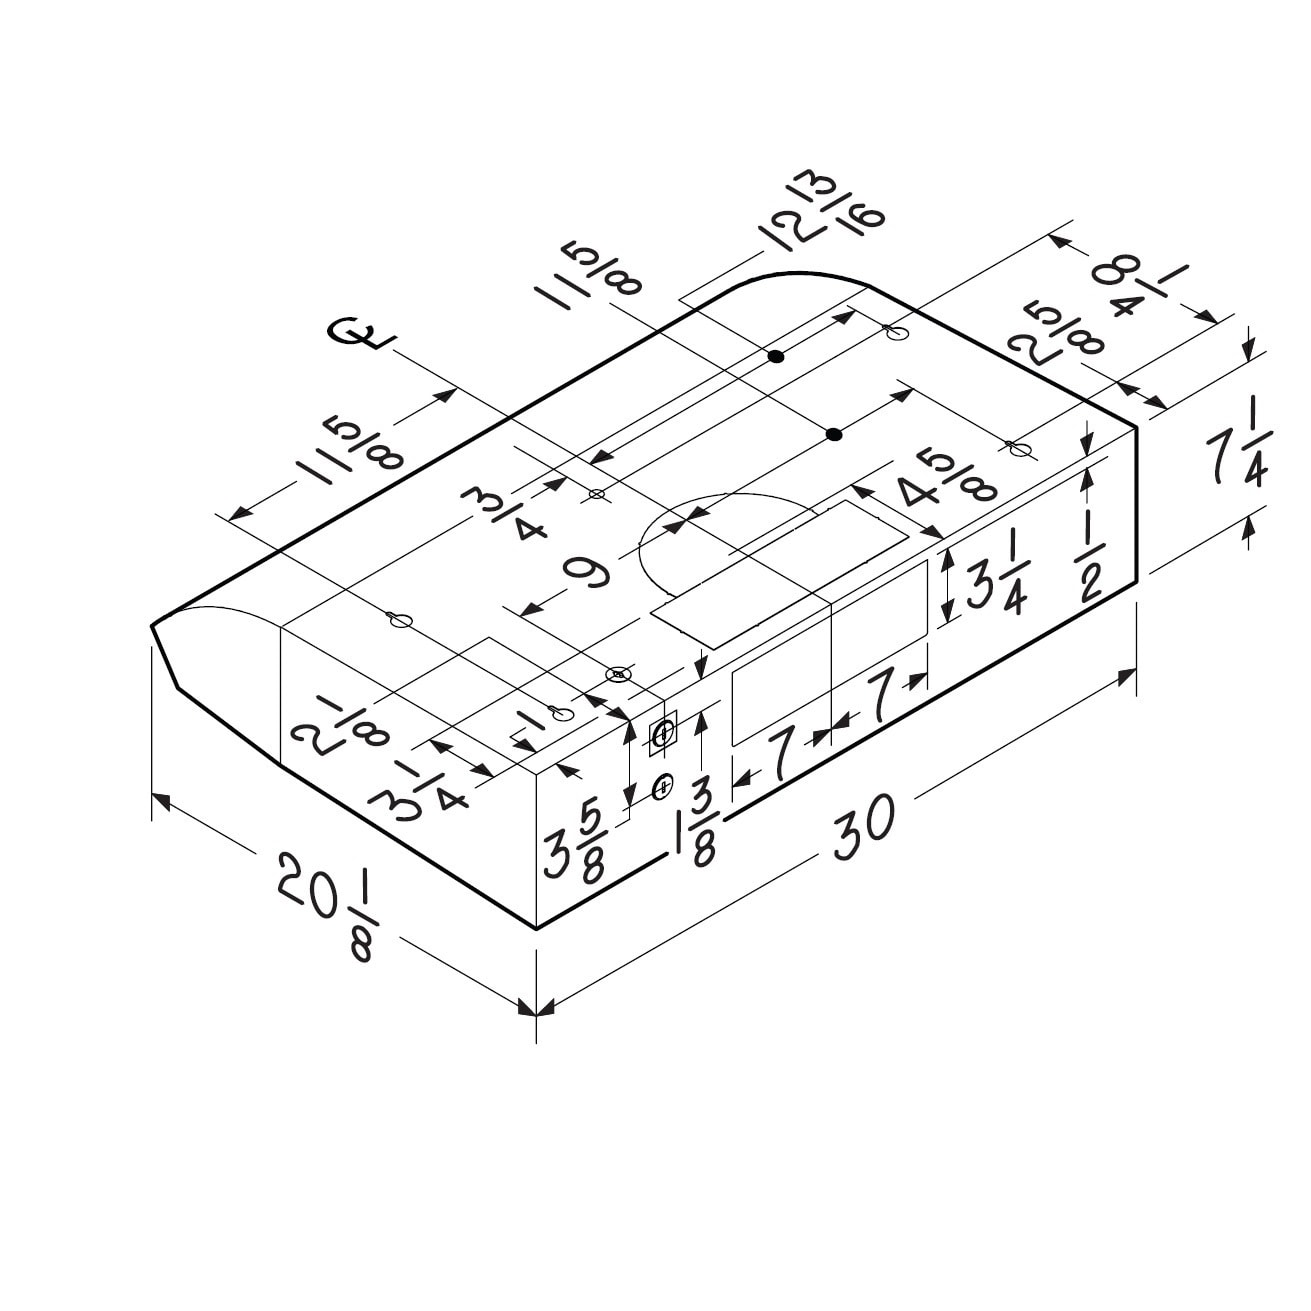 Broan Bathroom Fan Wiring Diagram. Diagram. Auto Wiring